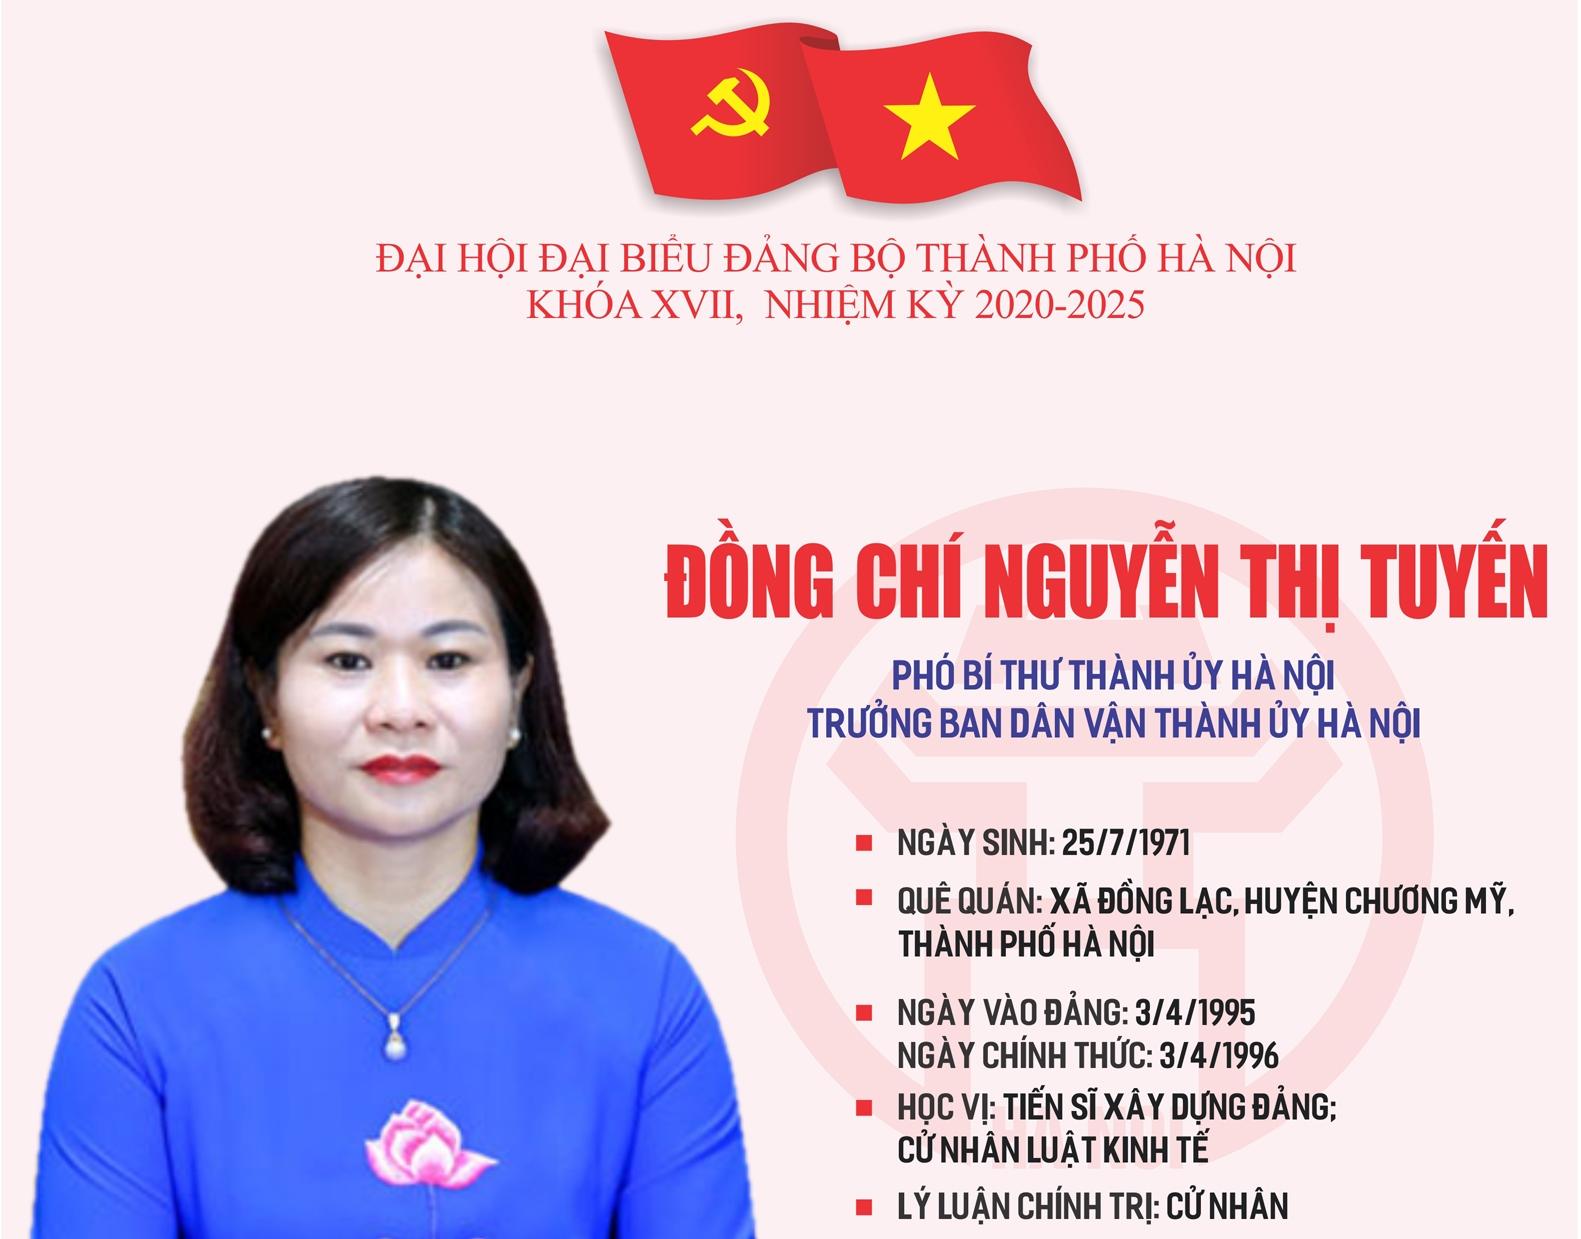 Infographic: Tóm tắt quá trình công tác của Phó Bí thư Thành ủy Hà Nội Nguyễn Thị Tuyến